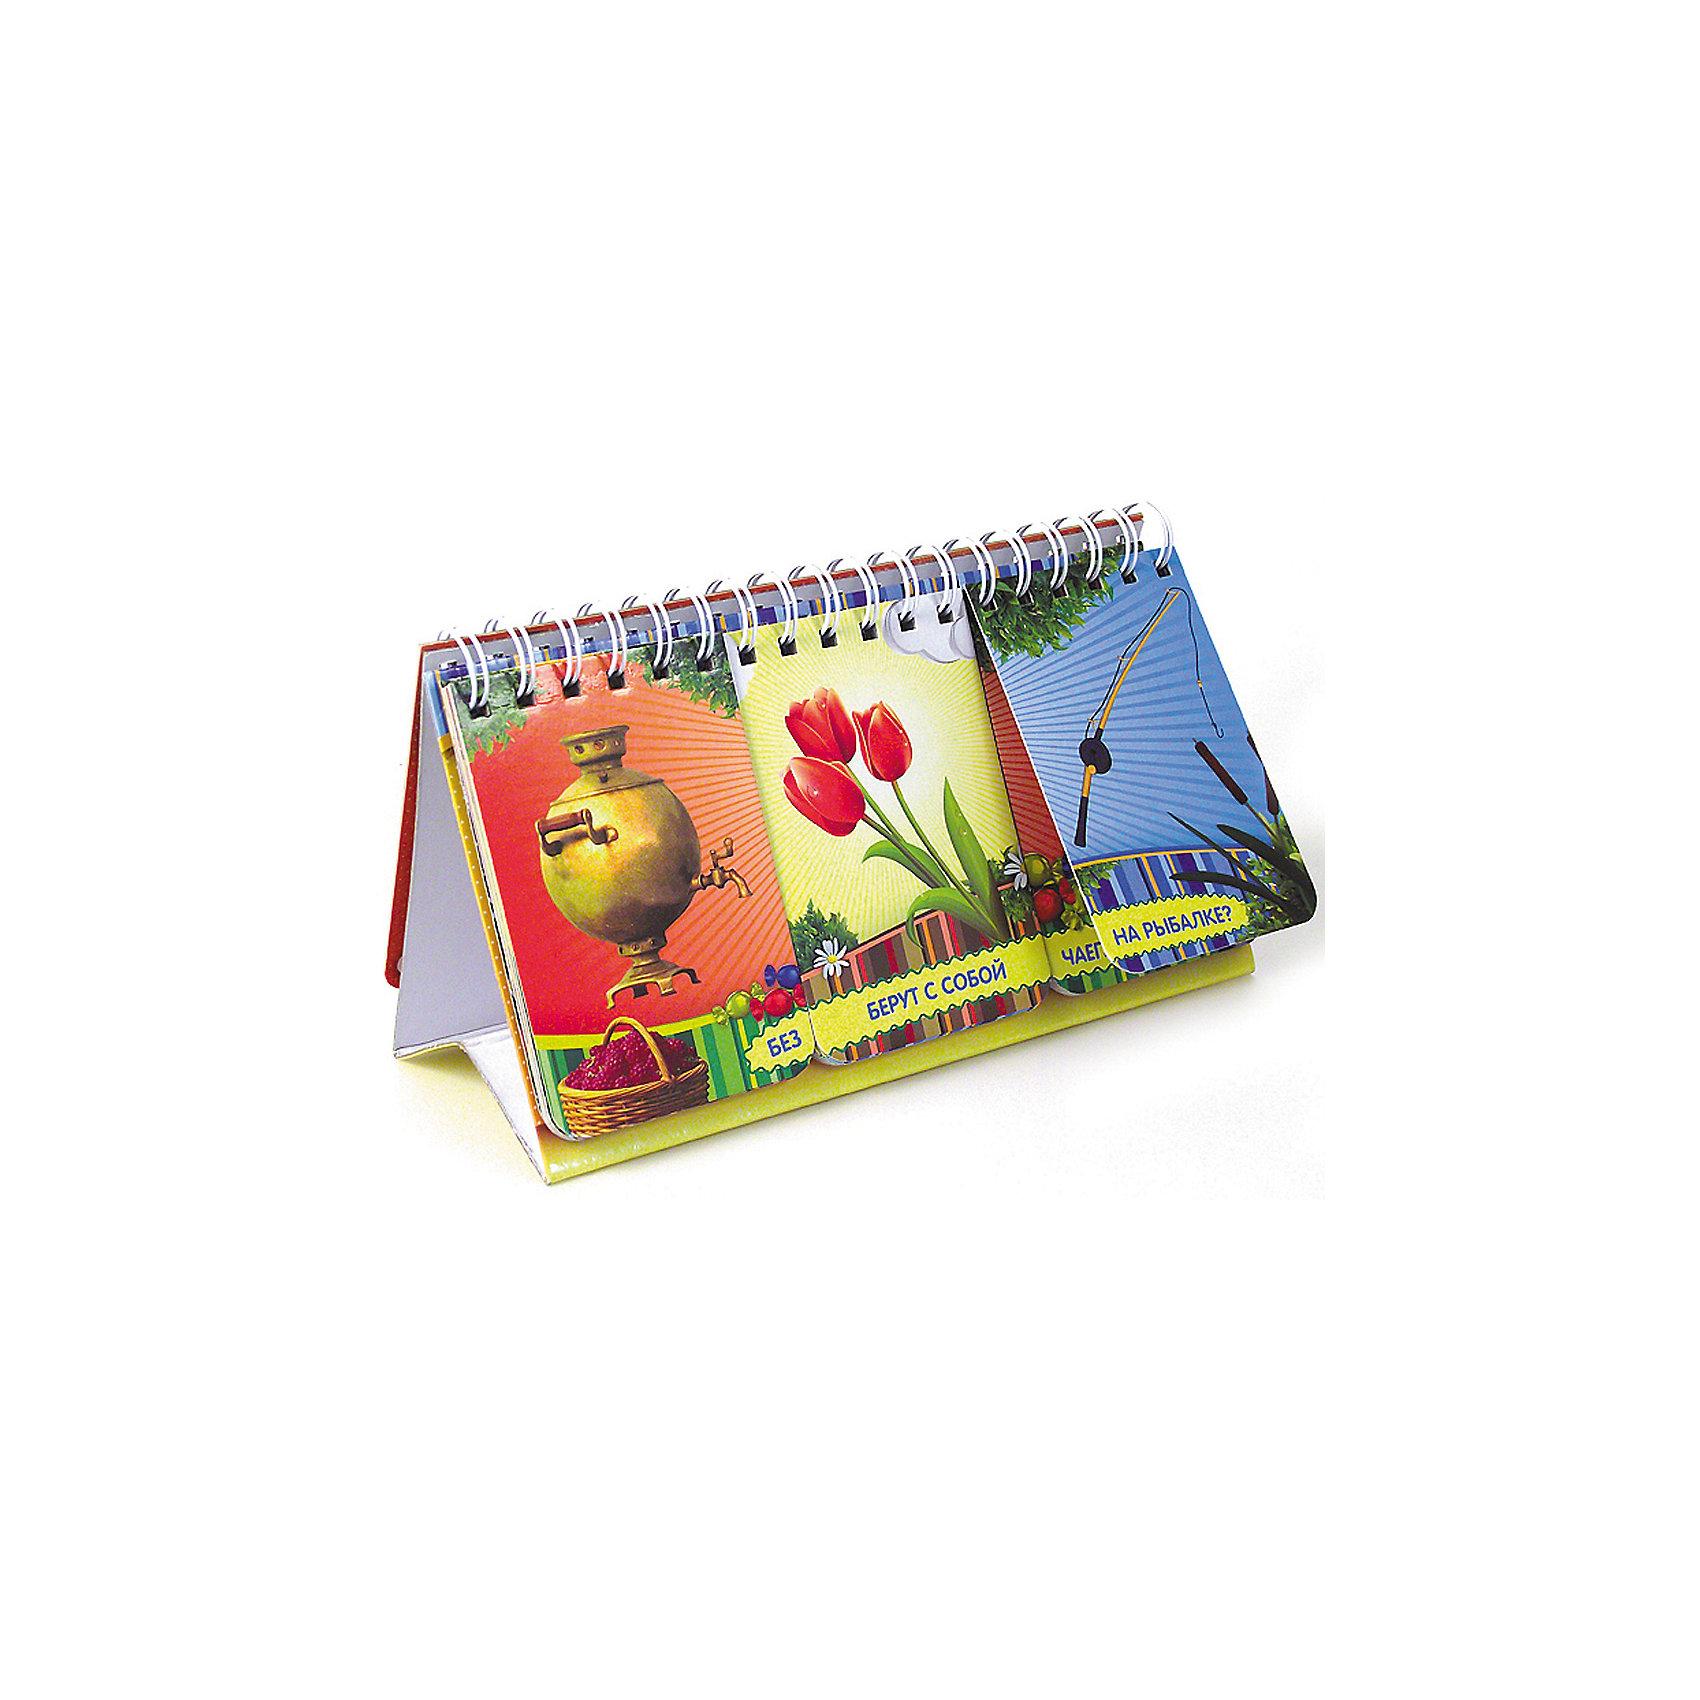 Перекидные странички Развиваем логику, Маша и МедведьКниги для развития мышления<br>Характеристики товара:<br><br>- цвет: разноцветный;<br>- материал: бумага, картон;<br>- количество страниц: 20;<br>- формат: 22,5 x 14,0 см;<br>- возраст: 3+.<br><br>Перекидные странички – новая форма в системе раннего обучения детей. Перелистывая яркие иллюстрации, малыш улучшит свою логику и мышление. Листы предлагают малышу найти общие признаки и различия, а так же сочинять свои истории. У каждой карточки есть свое специальное задание, а так же комментарии профессионального методиста для родителей. Обучение в стиле игры – беспроигрышный вариант развития малыша. Все материалы, использованные при производстве издания, соответствуют всем стандартам качества и безопасности. <br><br>Издание Перекидные странички Развиваем логику, Маша и Медведь от компании Росмэн можно приобрести в нашем интернет-магазине.<br><br>Ширина мм: 230<br>Глубина мм: 140<br>Высота мм: 20<br>Вес г: 230<br>Возраст от месяцев: 36<br>Возраст до месяцев: 72<br>Пол: Женский<br>Возраст: Детский<br>SKU: 3536265